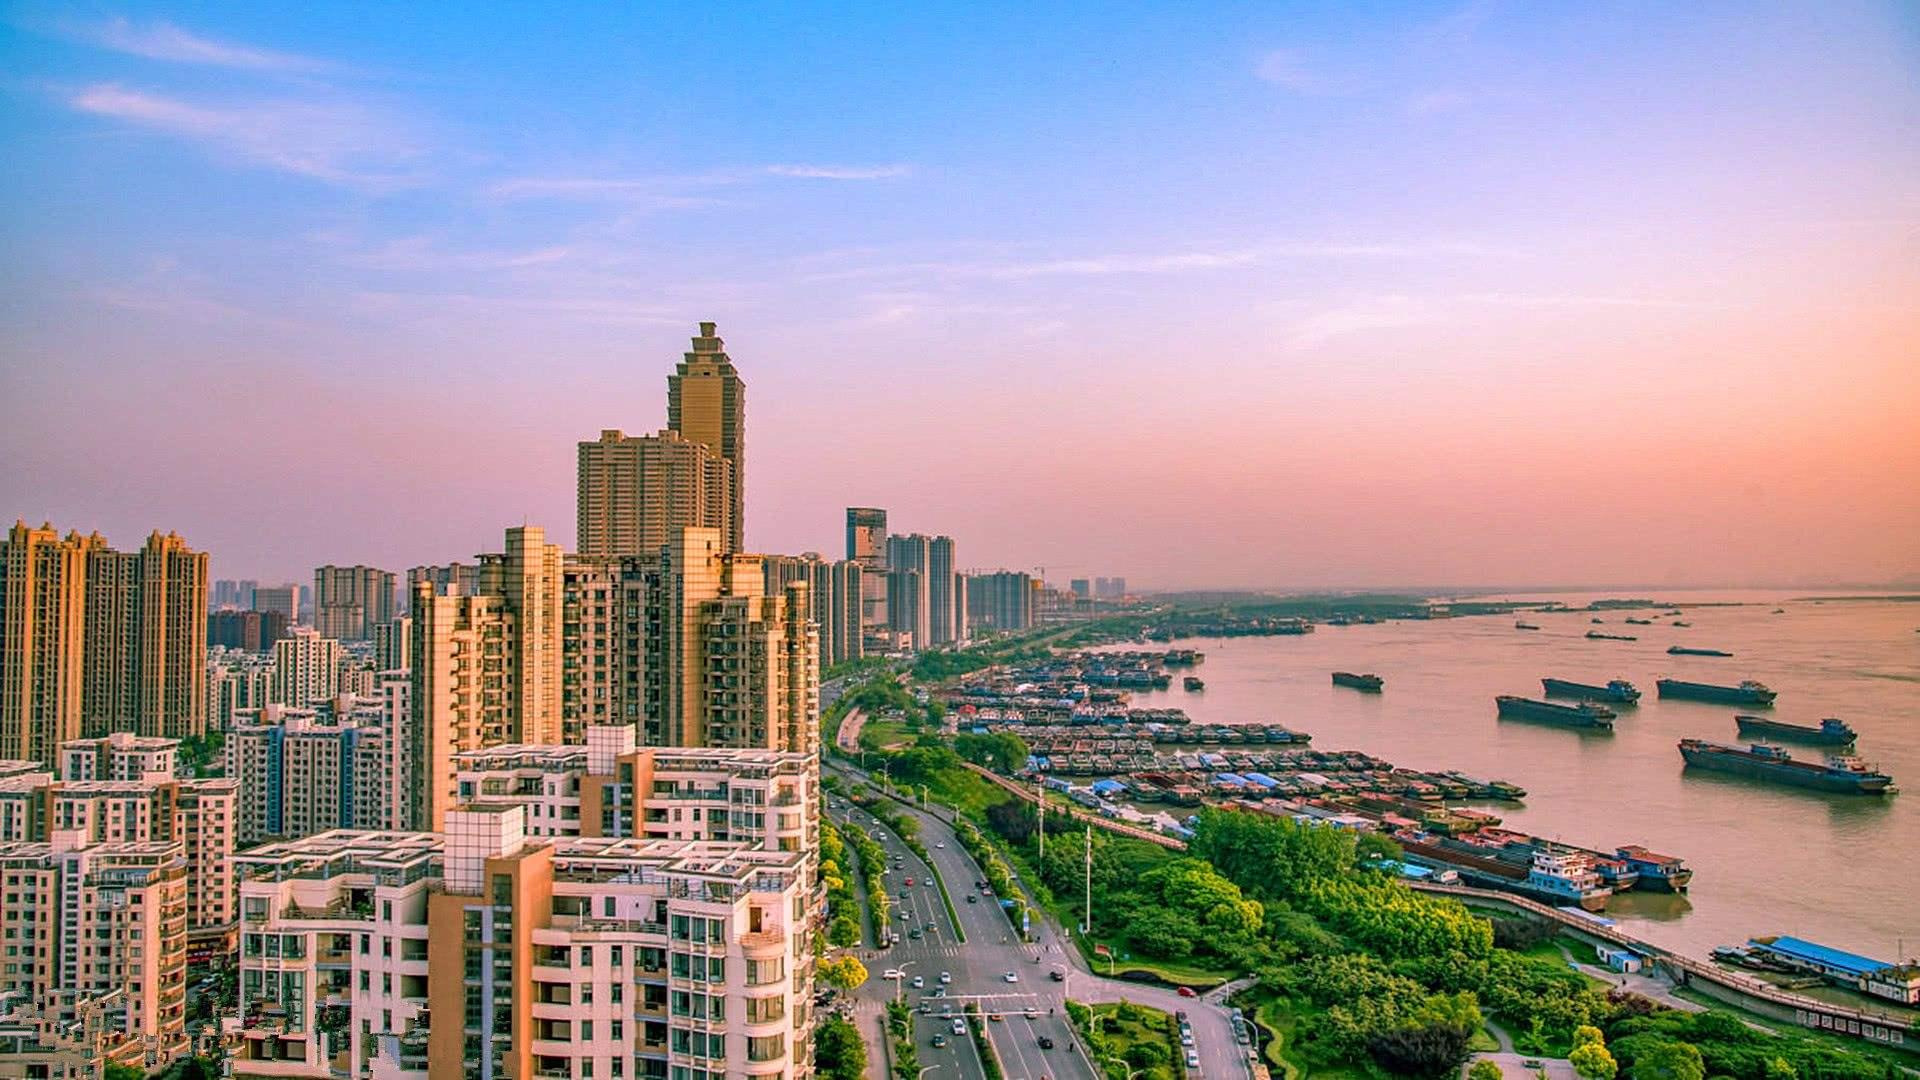 滁州经济总量超芜湖需几年时间_滁州职业技术学院